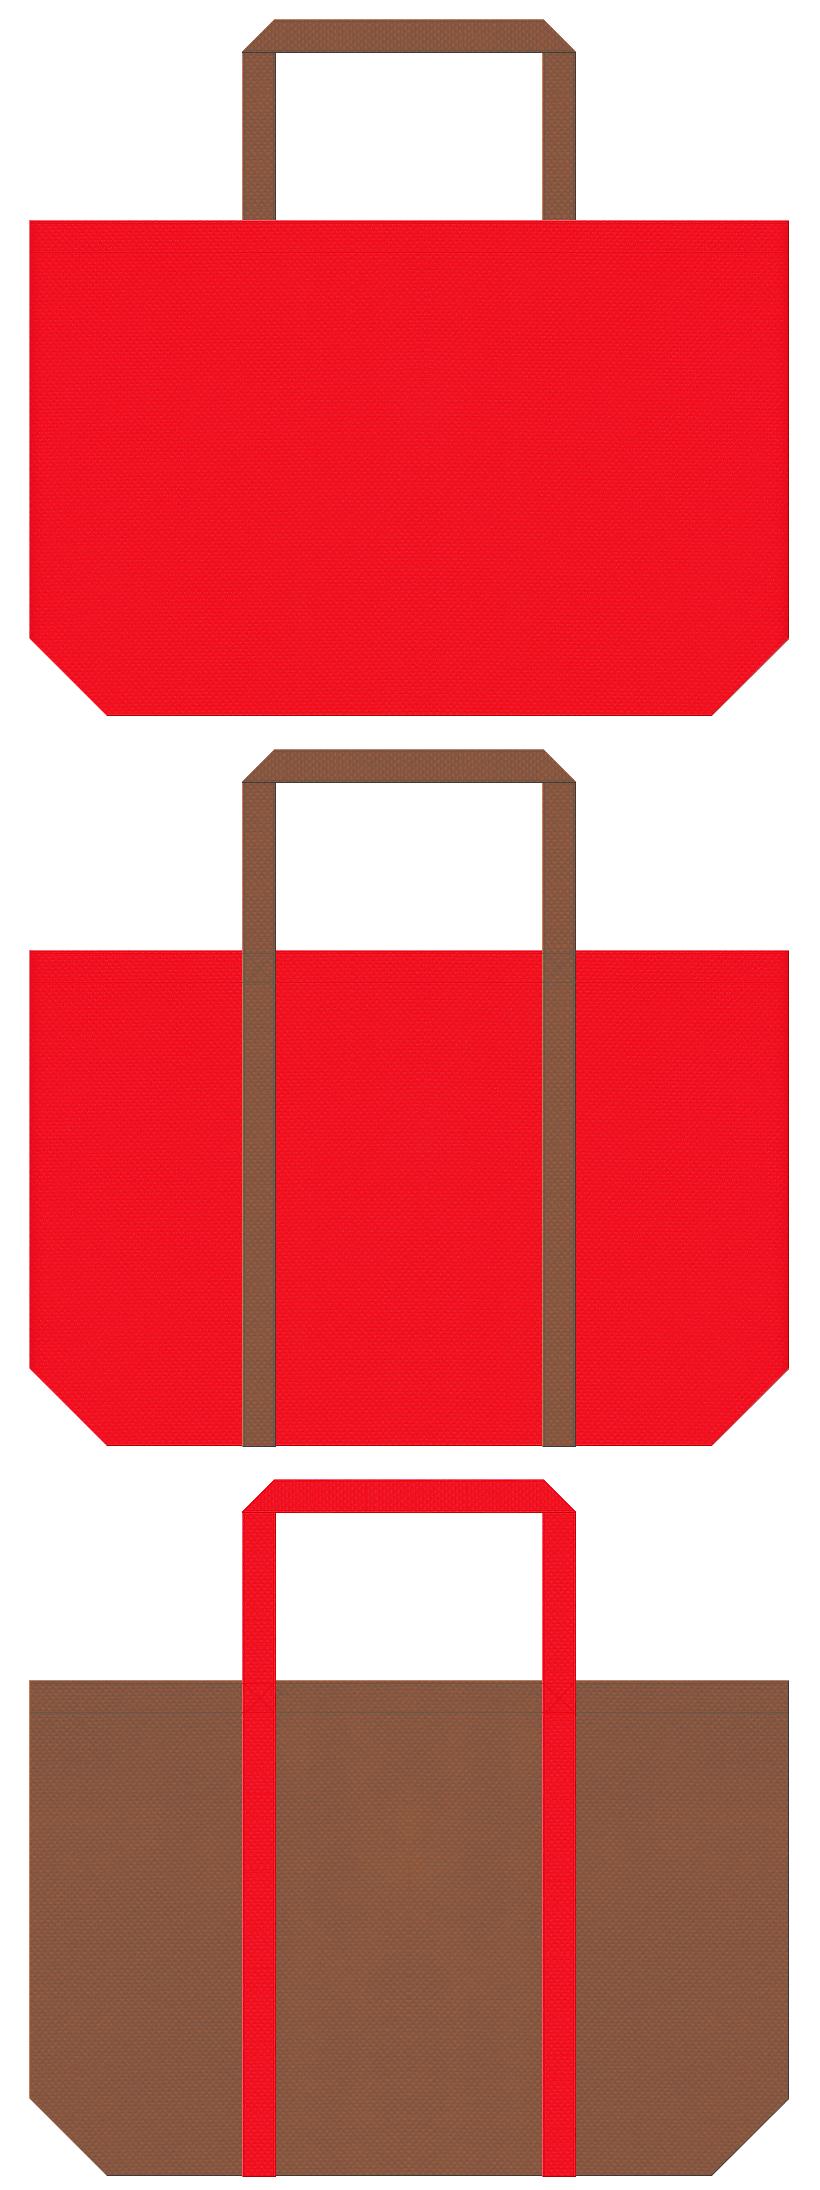 暖炉・ストーブ・暖房器具・絵本・おとぎ話・トナカイ・クリスマスセールにお奨めの不織布ショッピングバッグのデザイン:赤色と茶色のコーデ